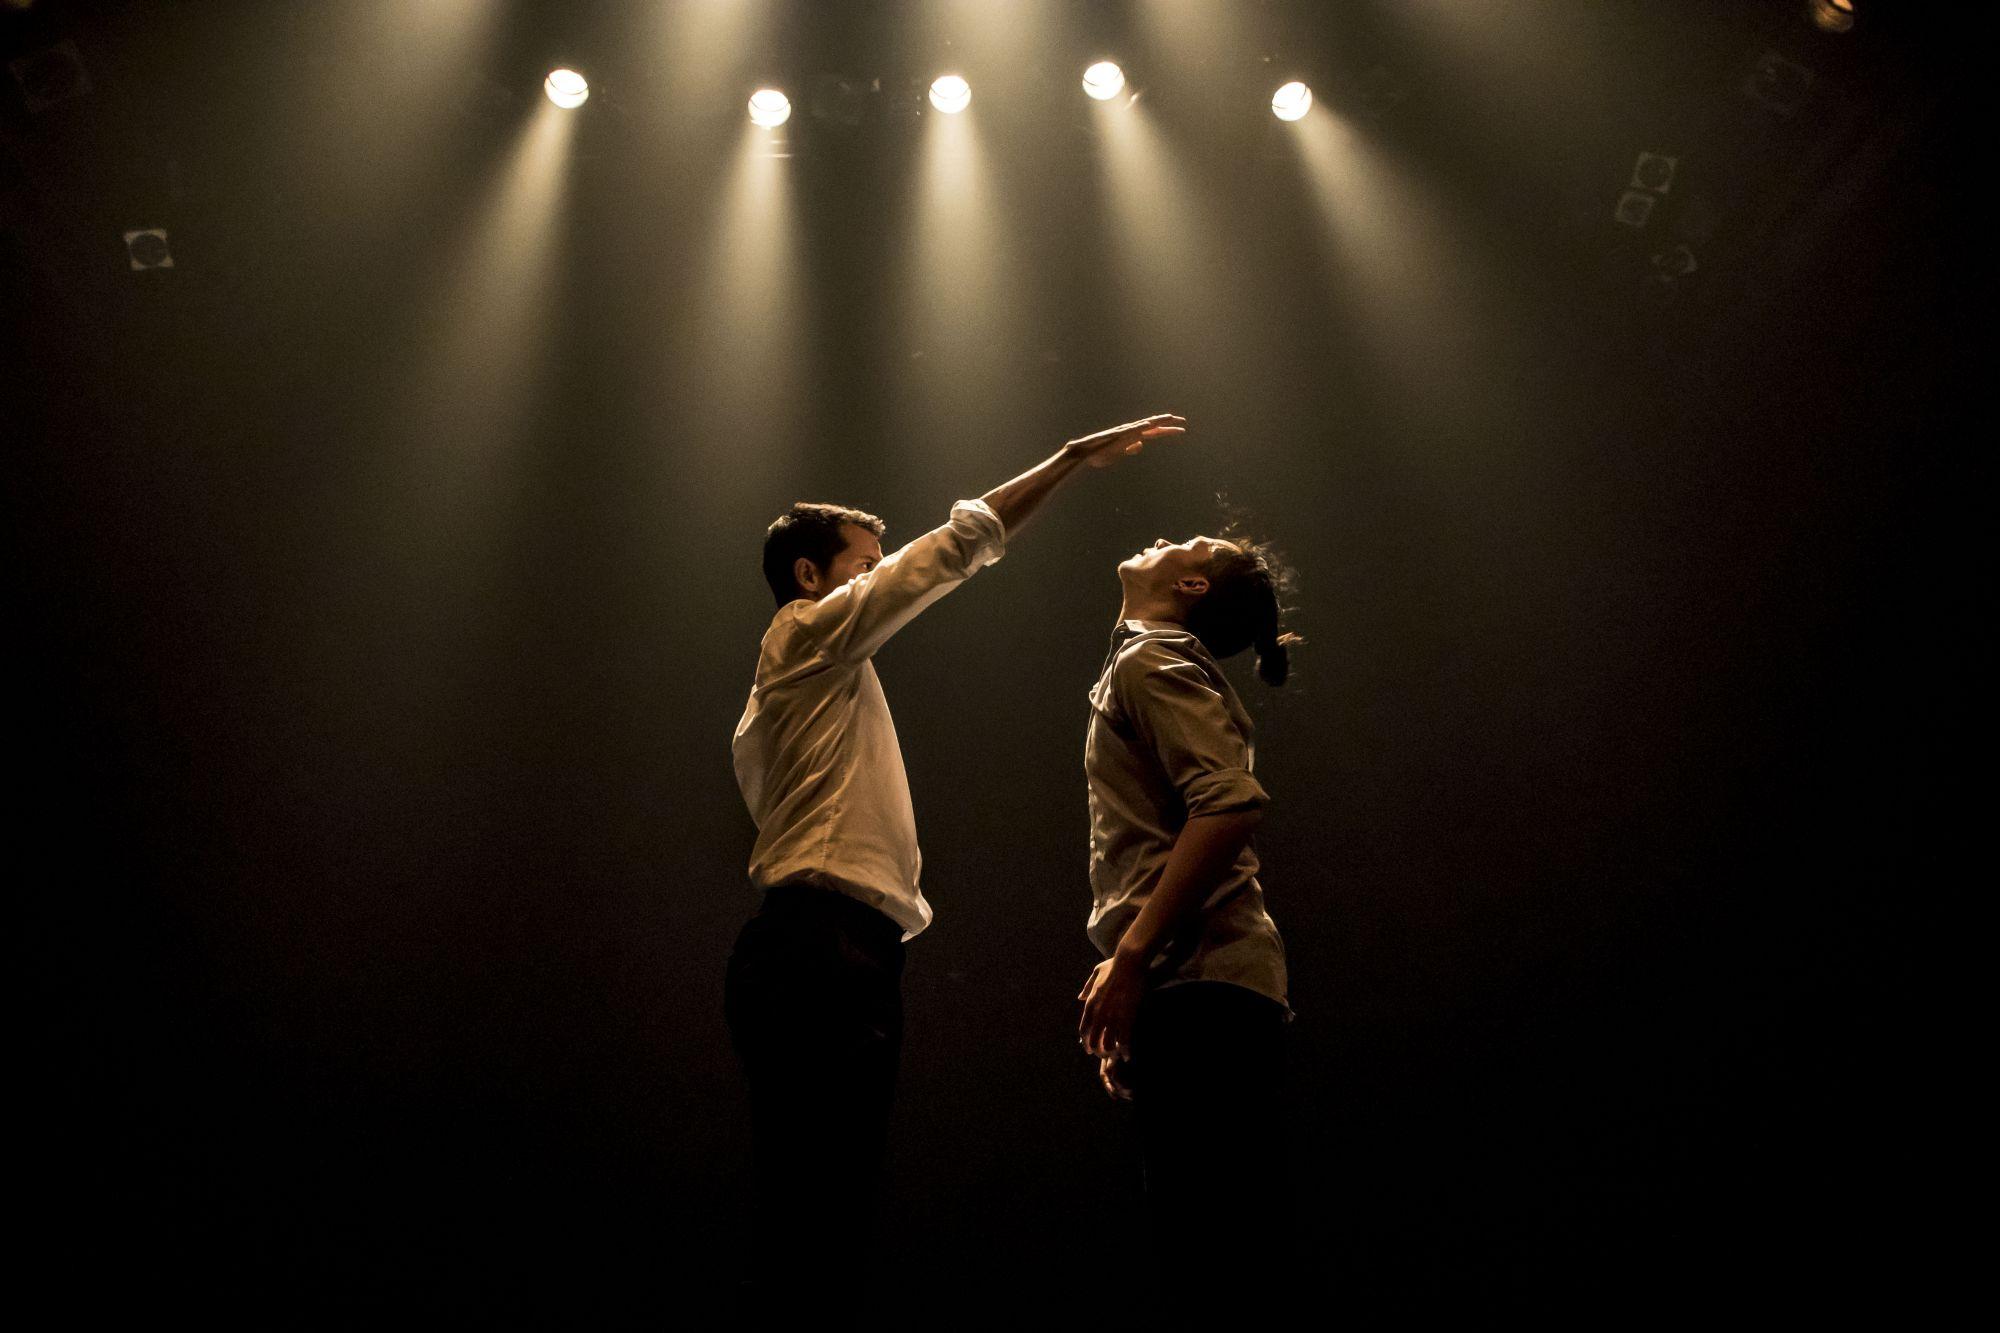 舞動世界的能量!丞舞製作團隊用舞蹈看見世界、讓世界看見台灣